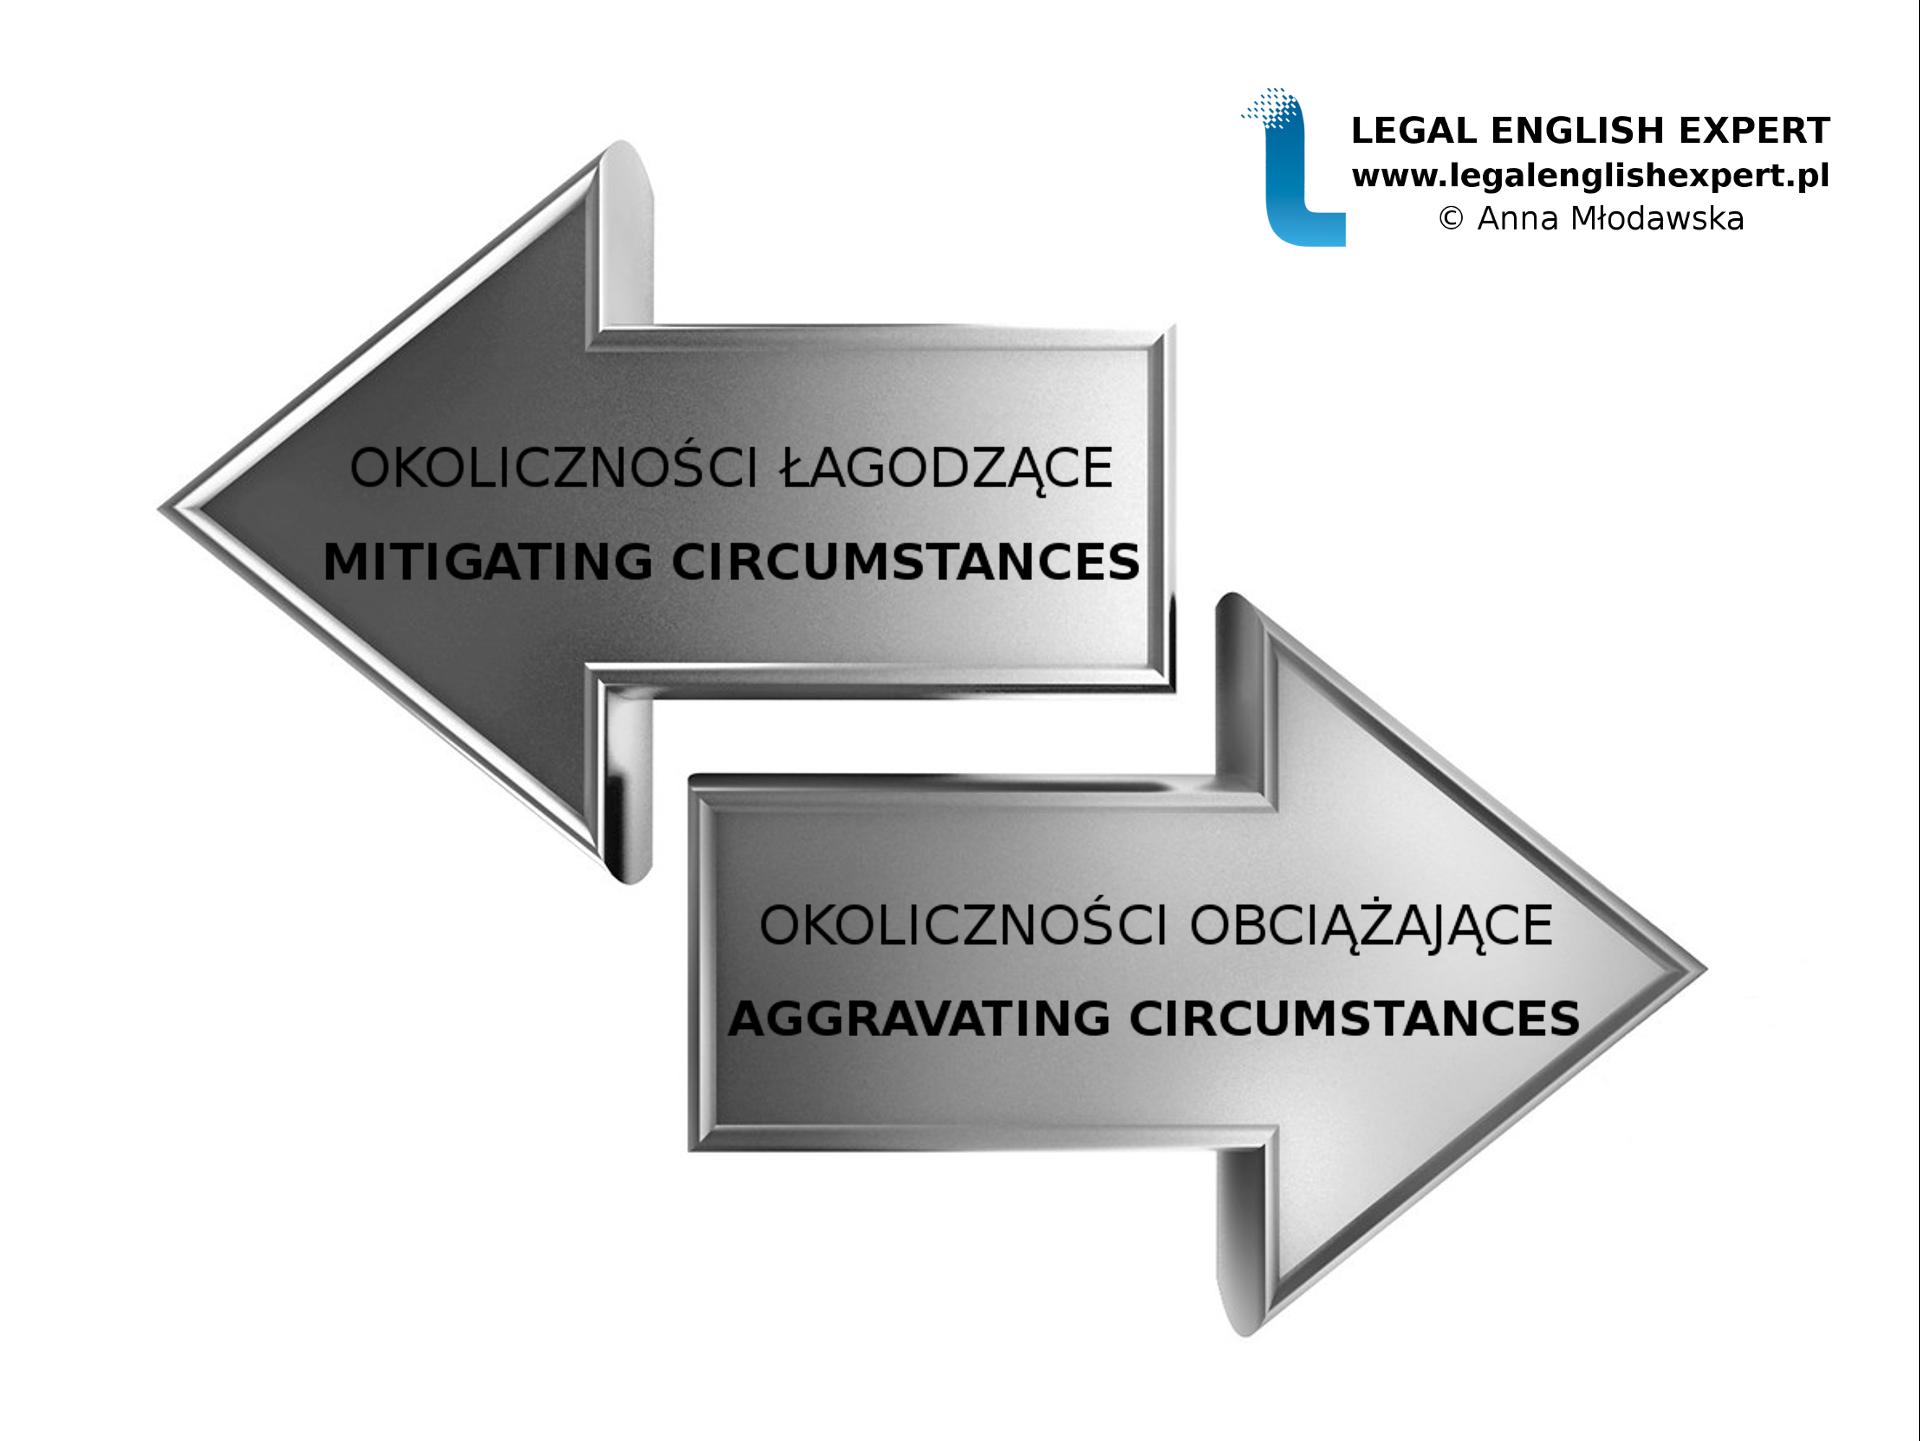 LEGAL ENGLISH EXPERT - infografika_52 - okoliczności łagodzące